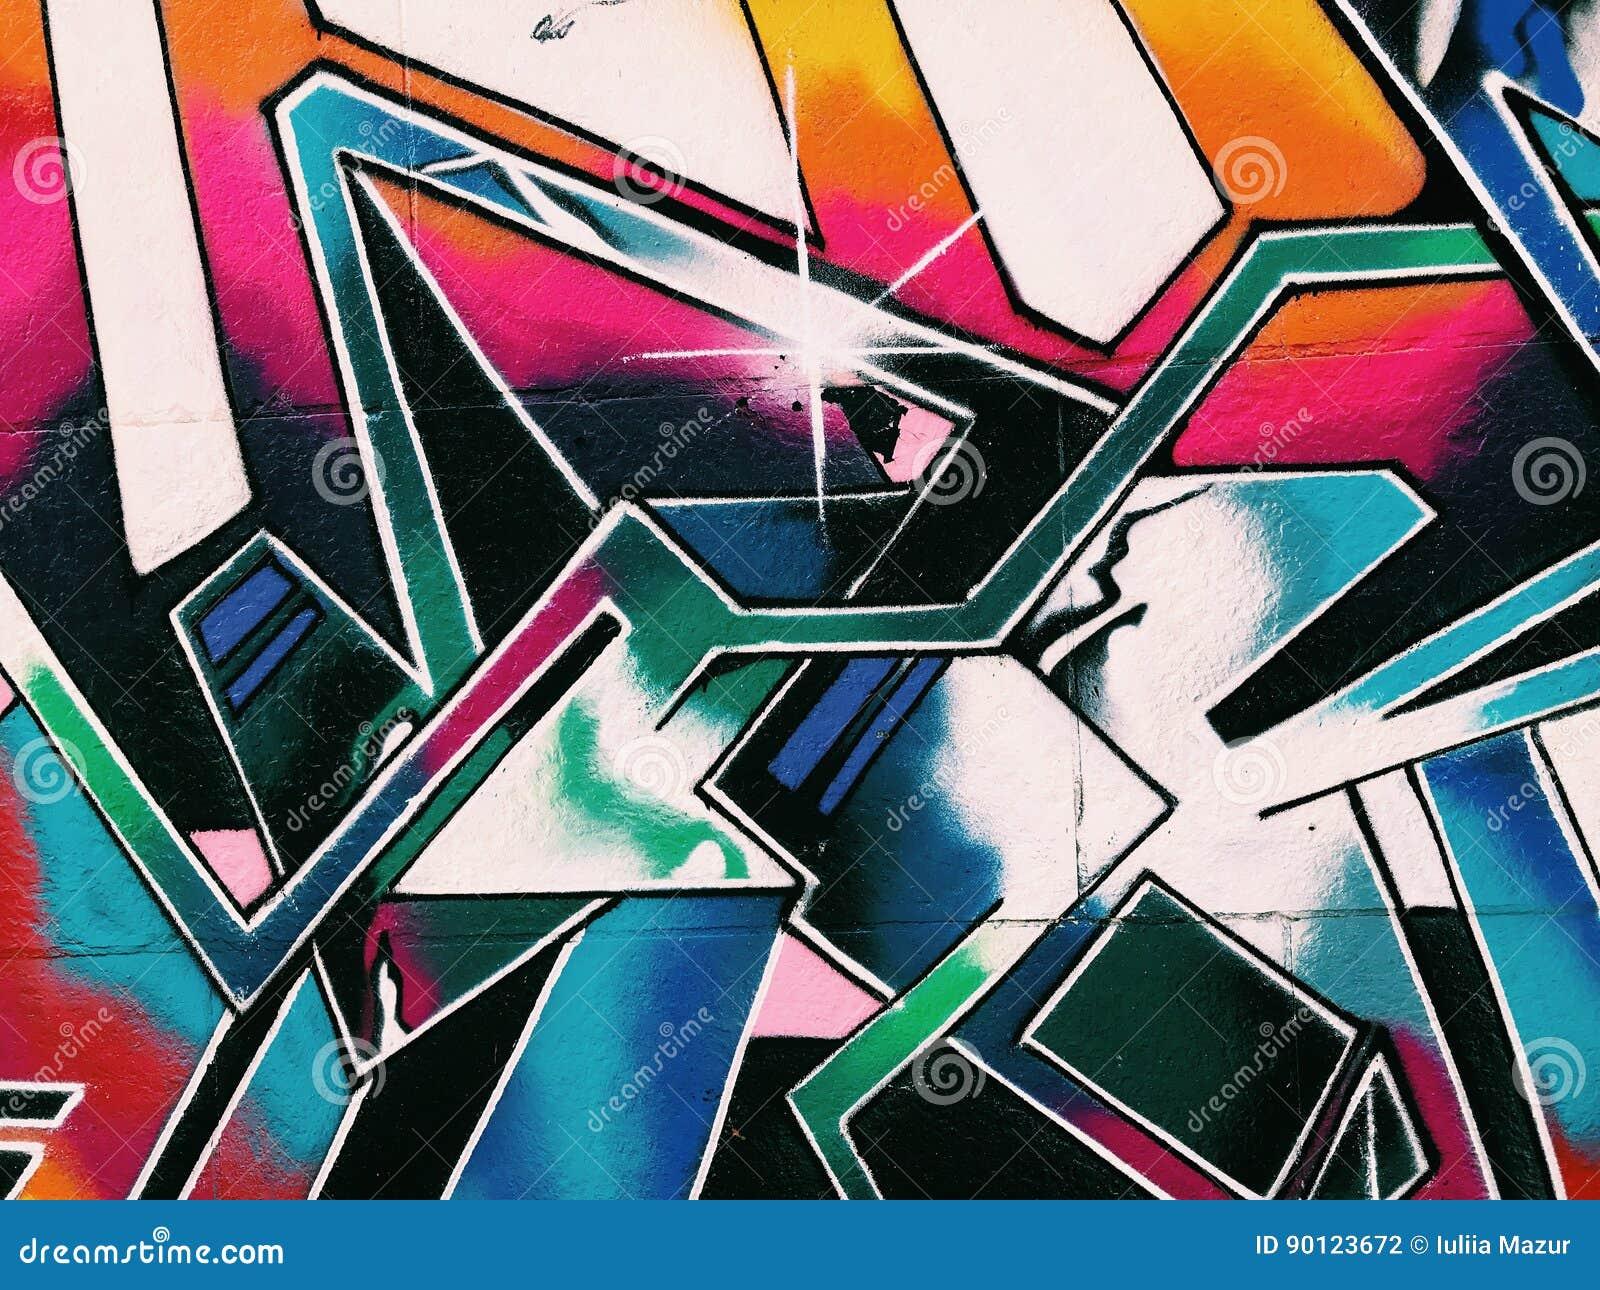 Graffiti wall background. Urban street art